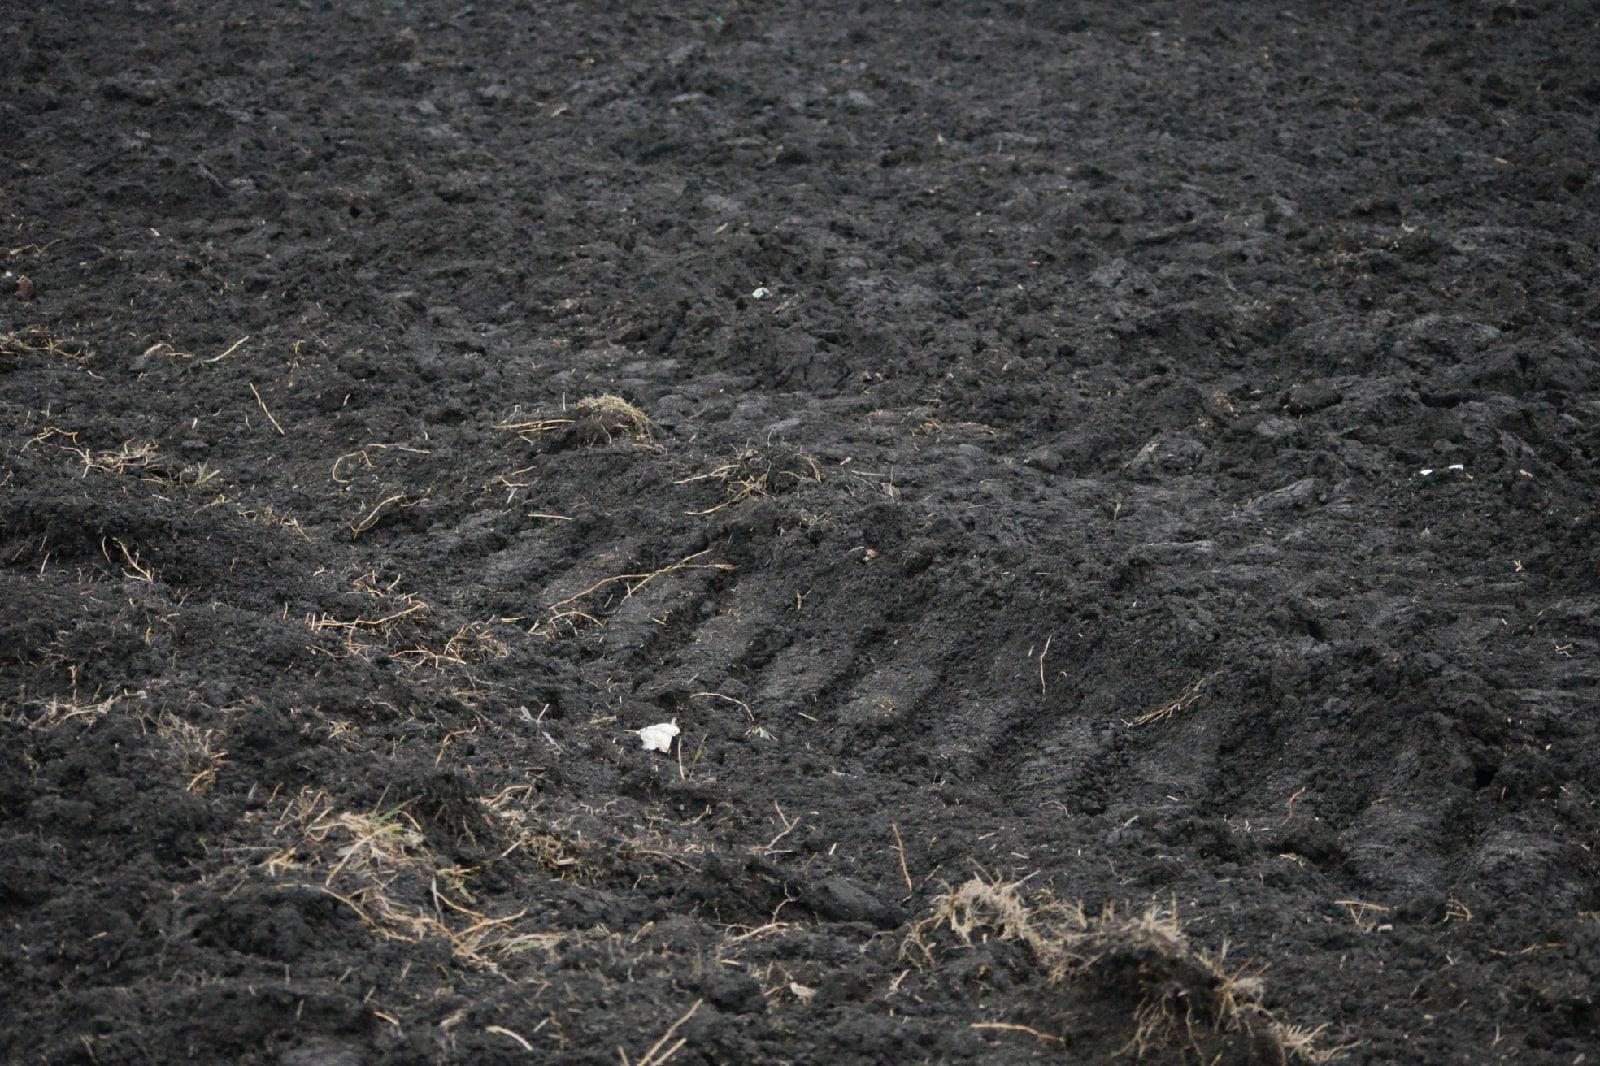 Засыхающее черноземье: об экологических бедствиях юга России